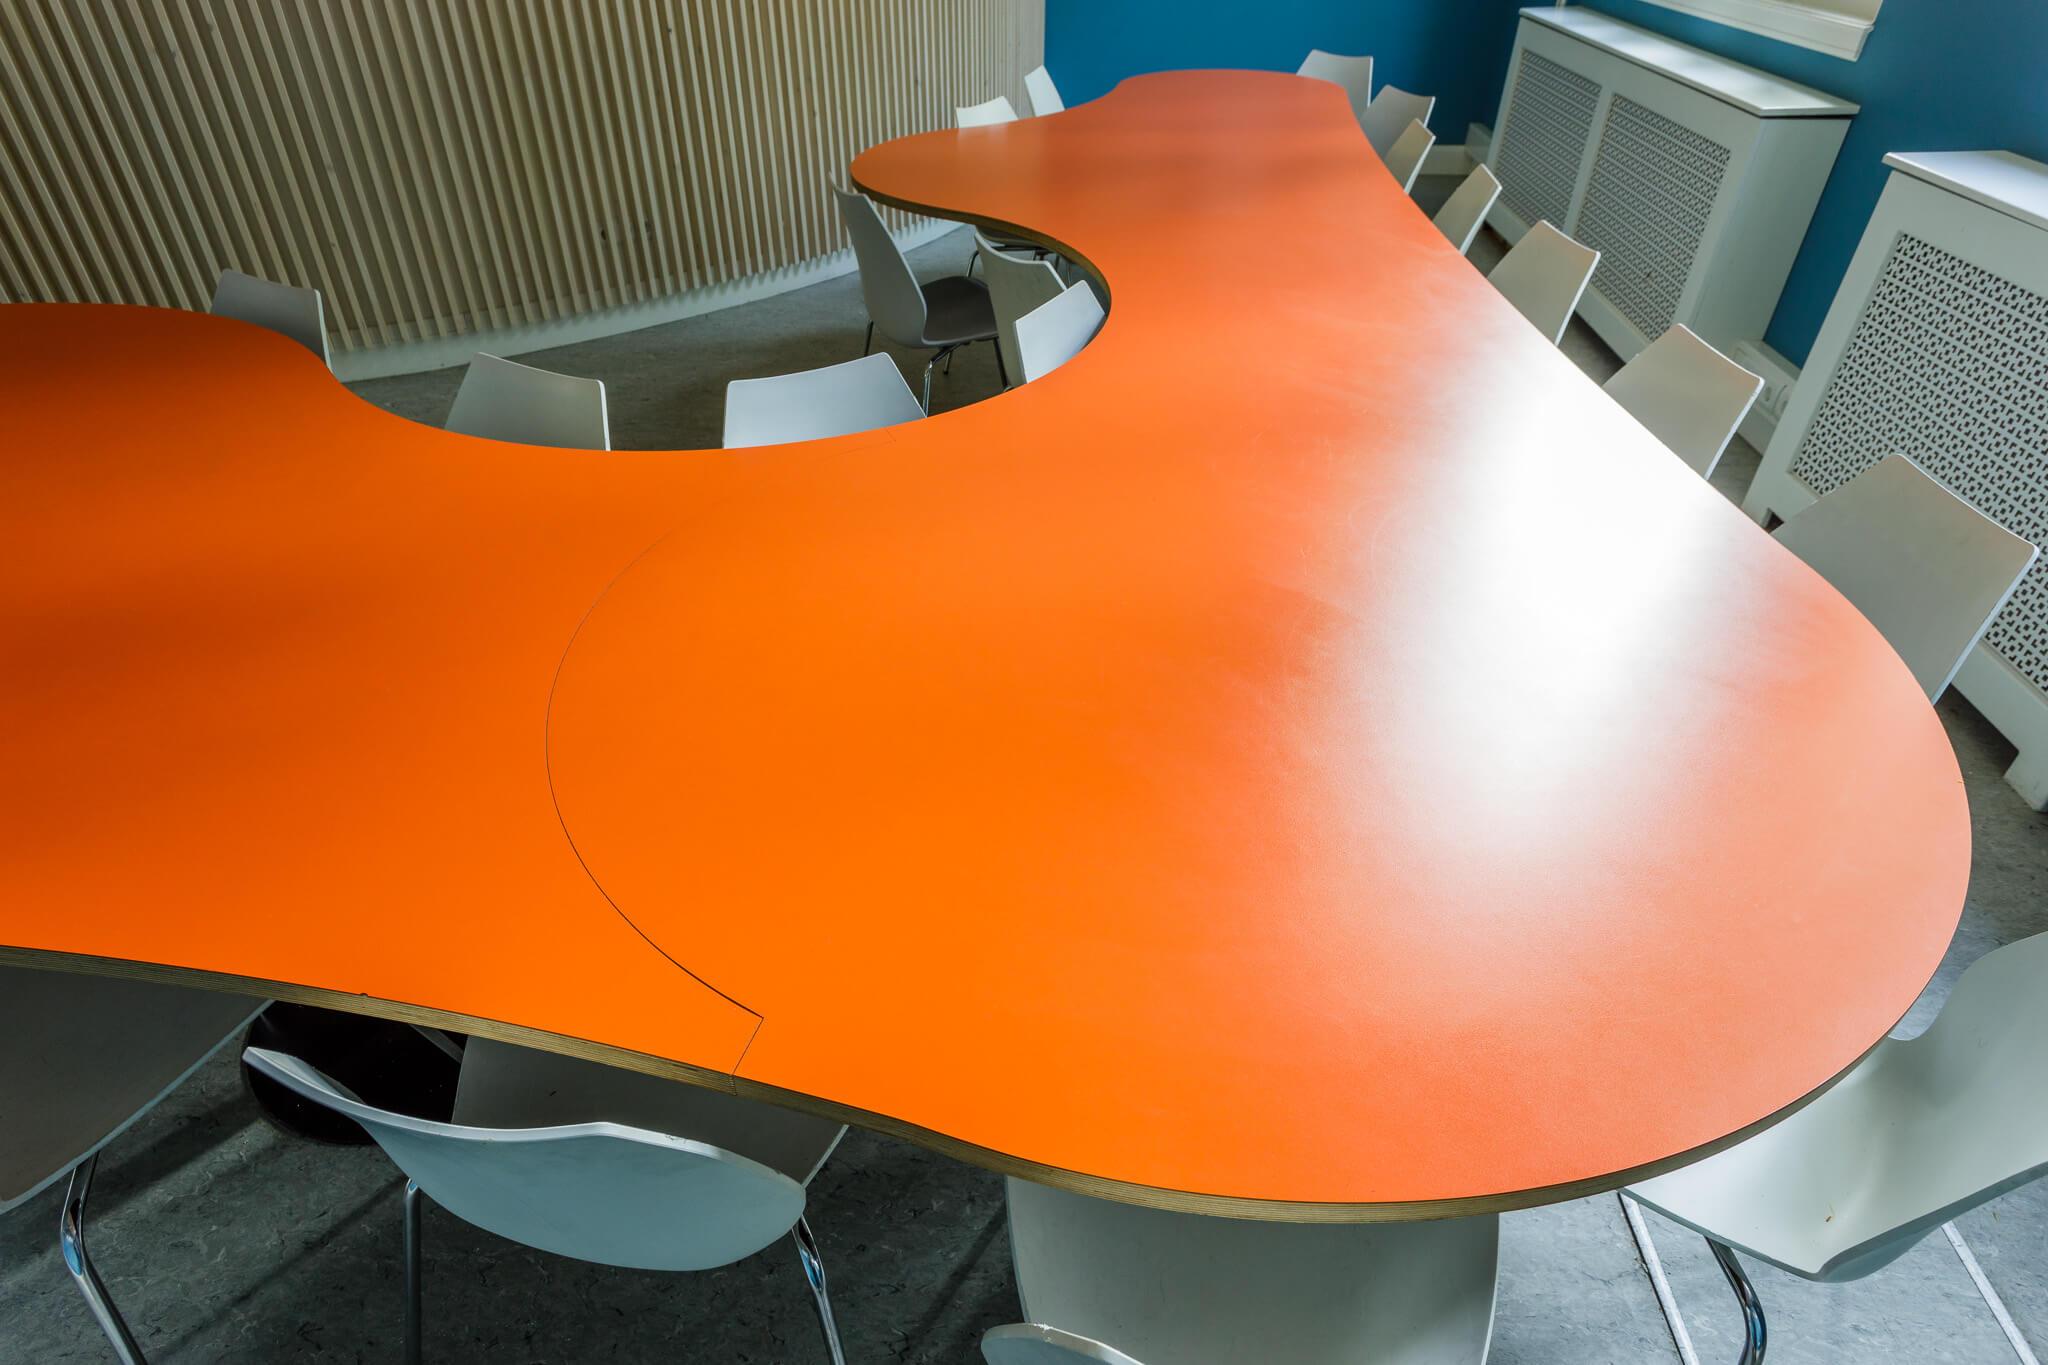 Meevaart tafel_4511_webHD